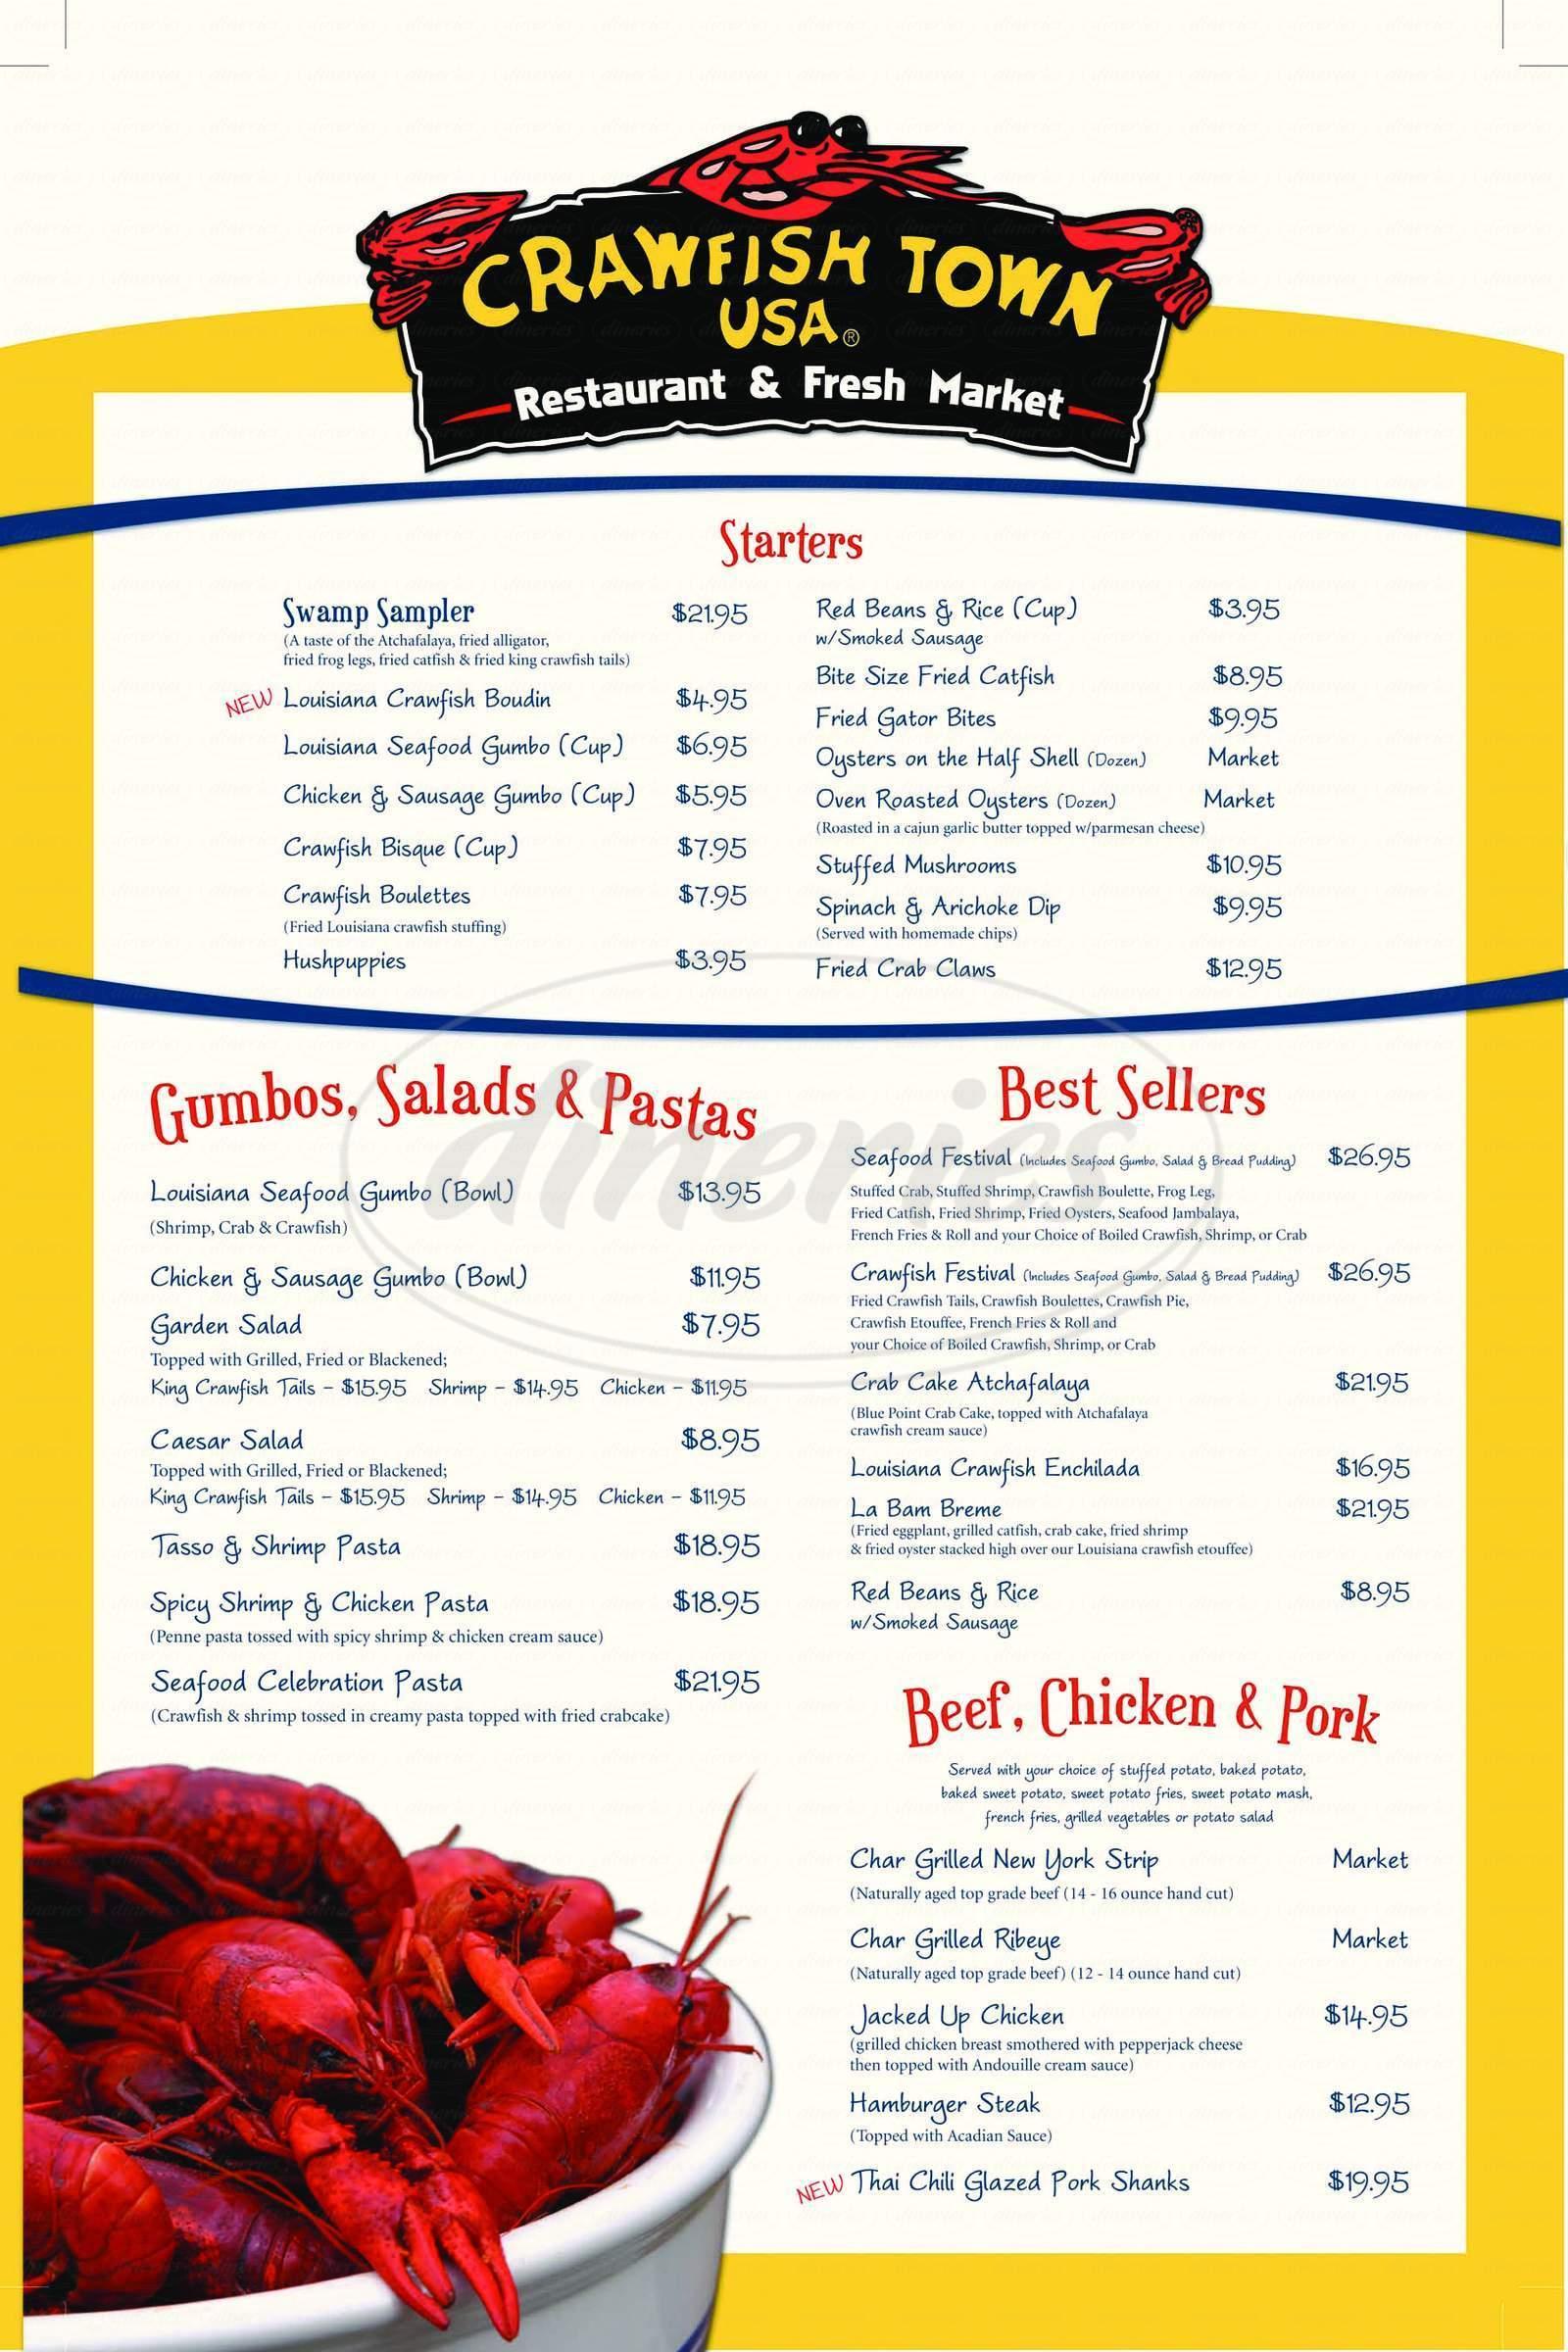 menu for Crawfish Town USA